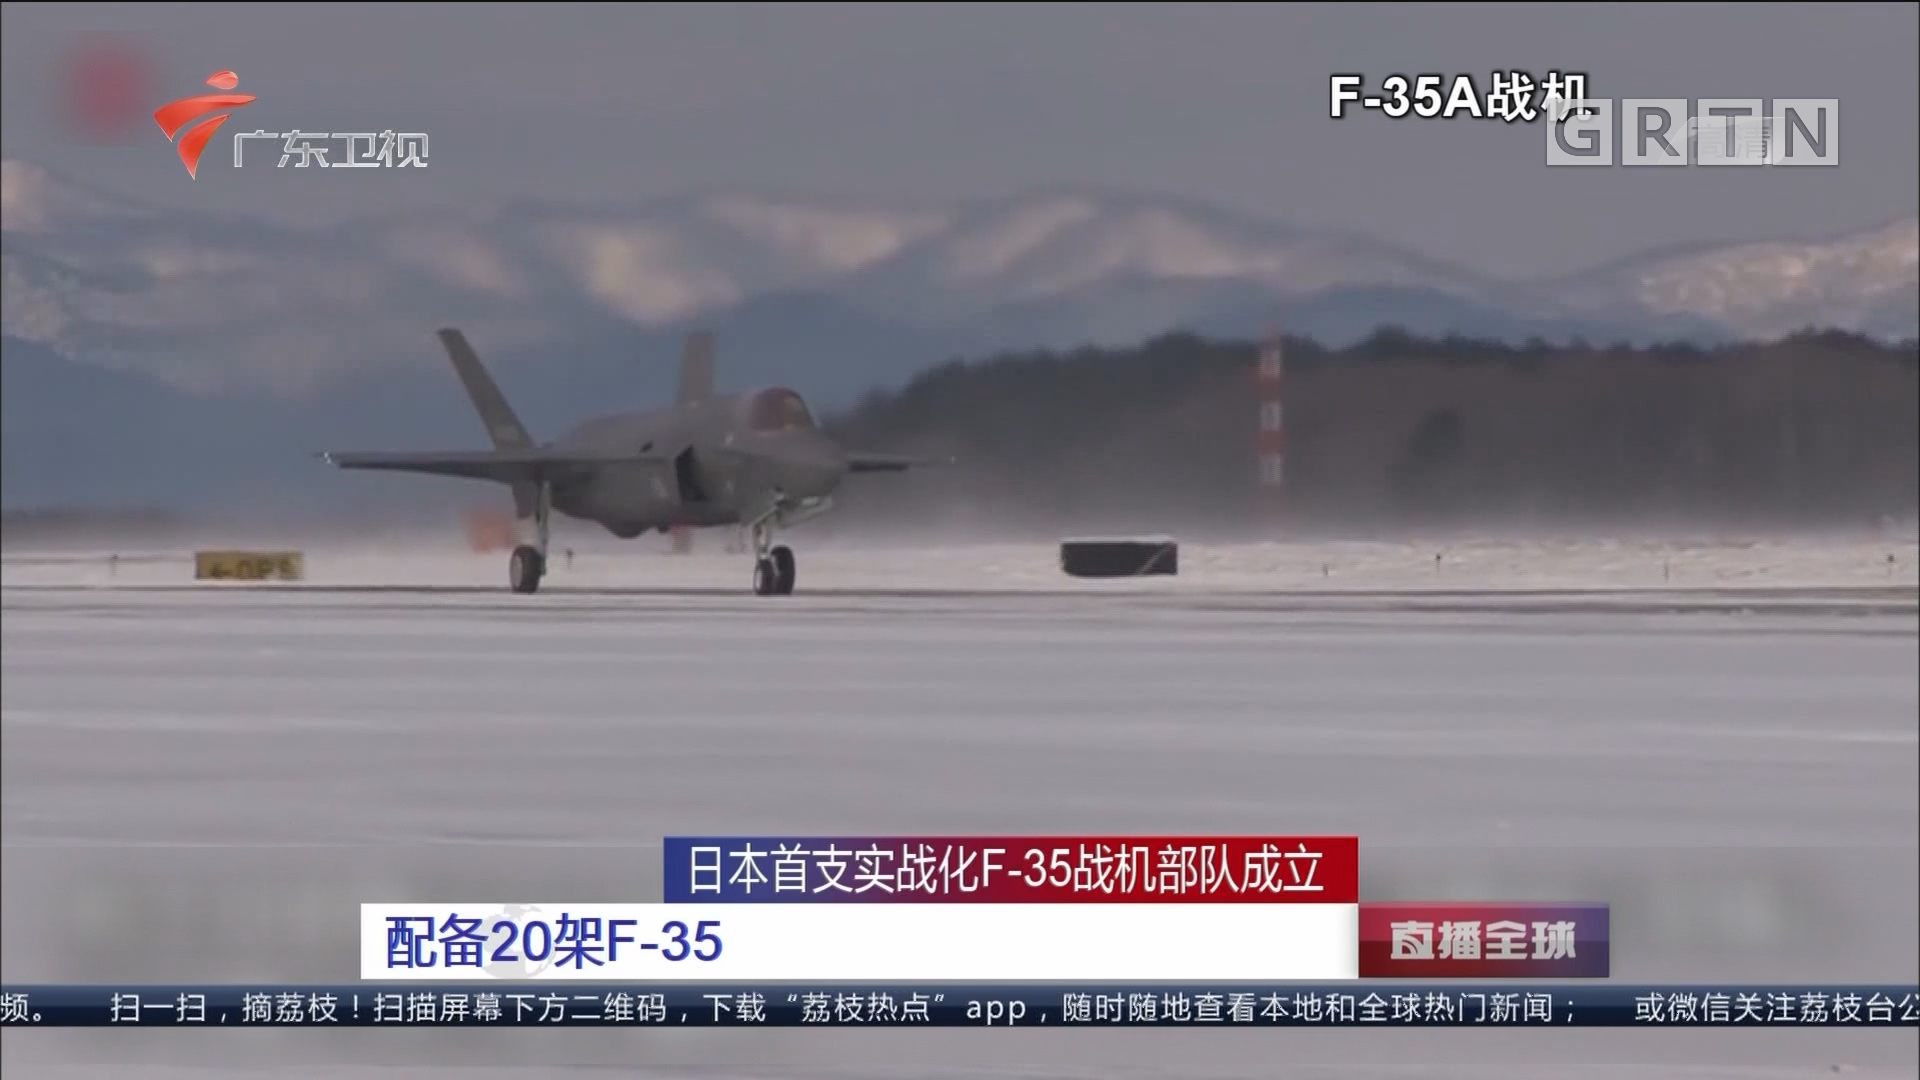 日本首支实战化F-35战机部队成立:配备20架F-35